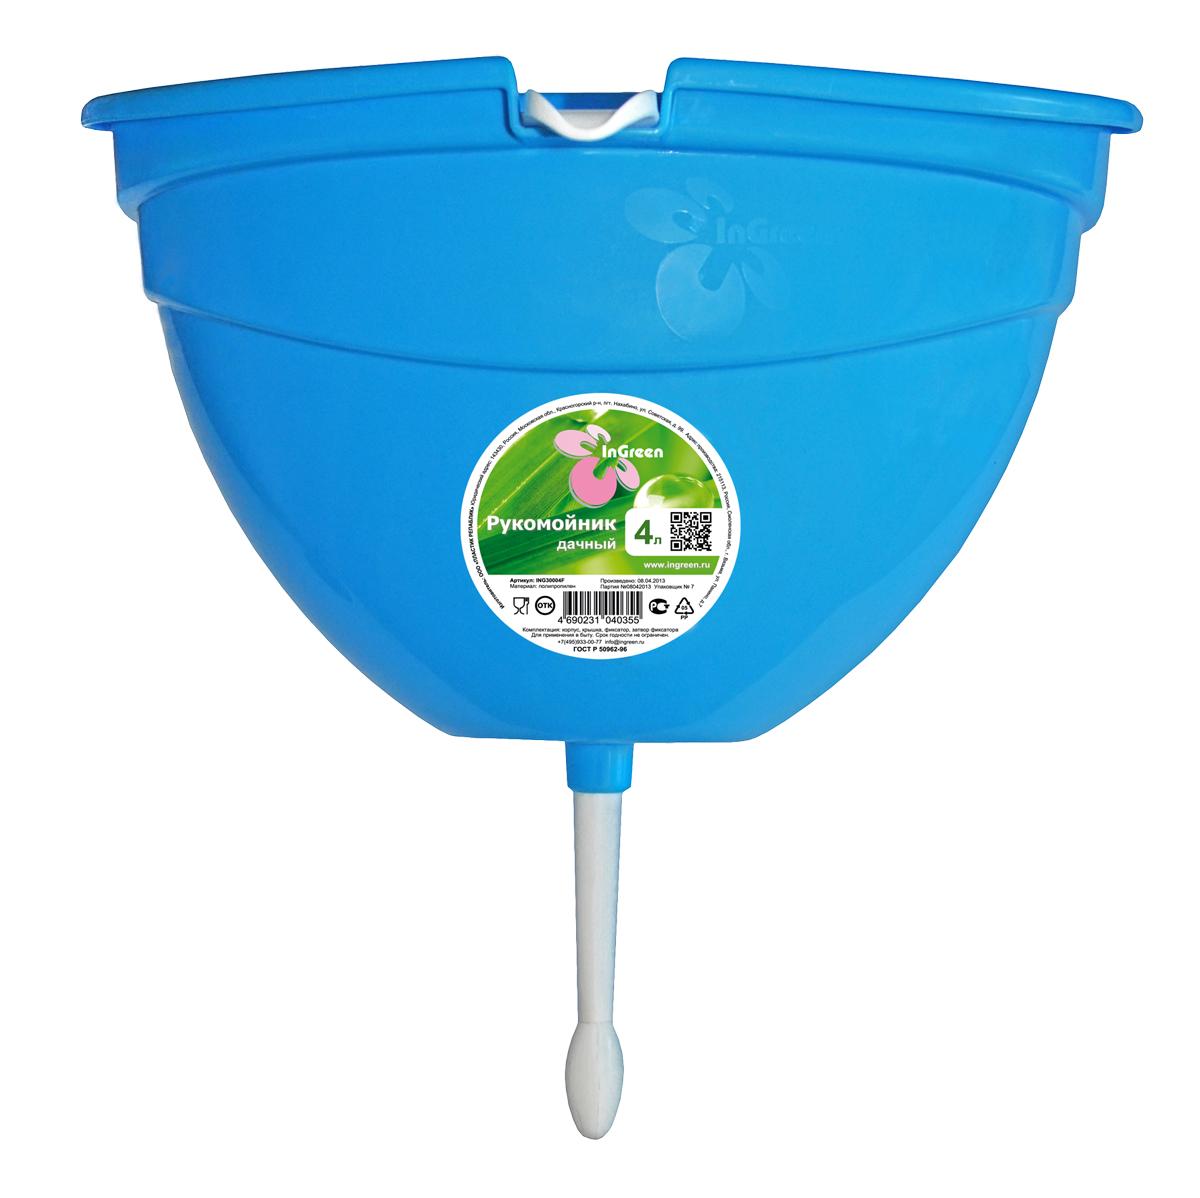 Рукомойник InGreen, цвет: синий, 4 лING30004FСНСовременный и стильный рукомойник InGreen предназначендля дачи. Выполнен из высококачественного пластика ивыдерживает отрицательные температуры (до -25 градусов), чтопозволяет ему спокойно пережидать зиму на улице. Крышкарукомойника расположена под небольшим углом и имеетспециальный носик для слива дождевой воды, а такжерифленую поверхность для удобного расположения мыла.Затвор плотно прилегает ко дну рукомойника, чтопредотвращает протекания воды. Размер рукомойника: 31,5 х 24,5 х 37 см. Объем рукомойника: 4 л.